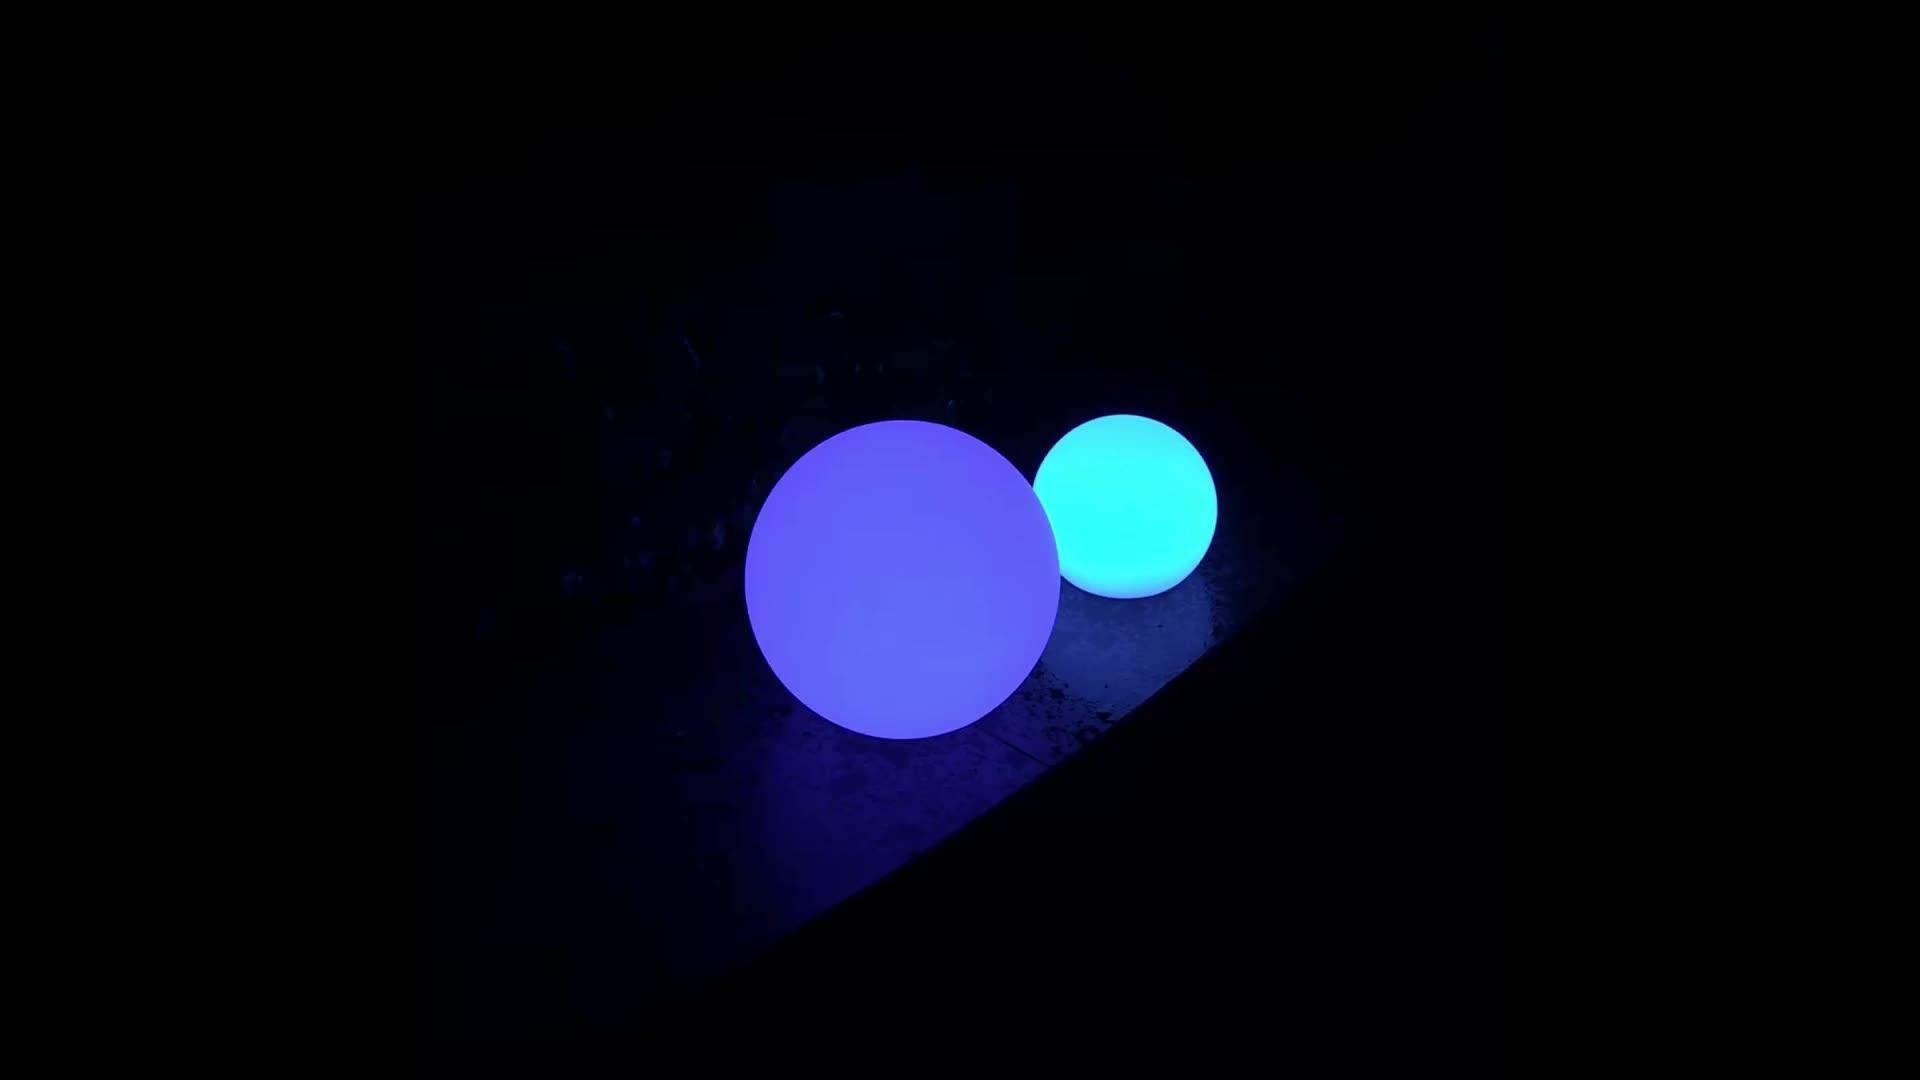 बहु रंग निविड़ अंधकार आउटडोर फांसी प्रकाश गेंदों का नेतृत्व किया सौर चार्ज प्रकाश गेंद का नेतृत्व किया